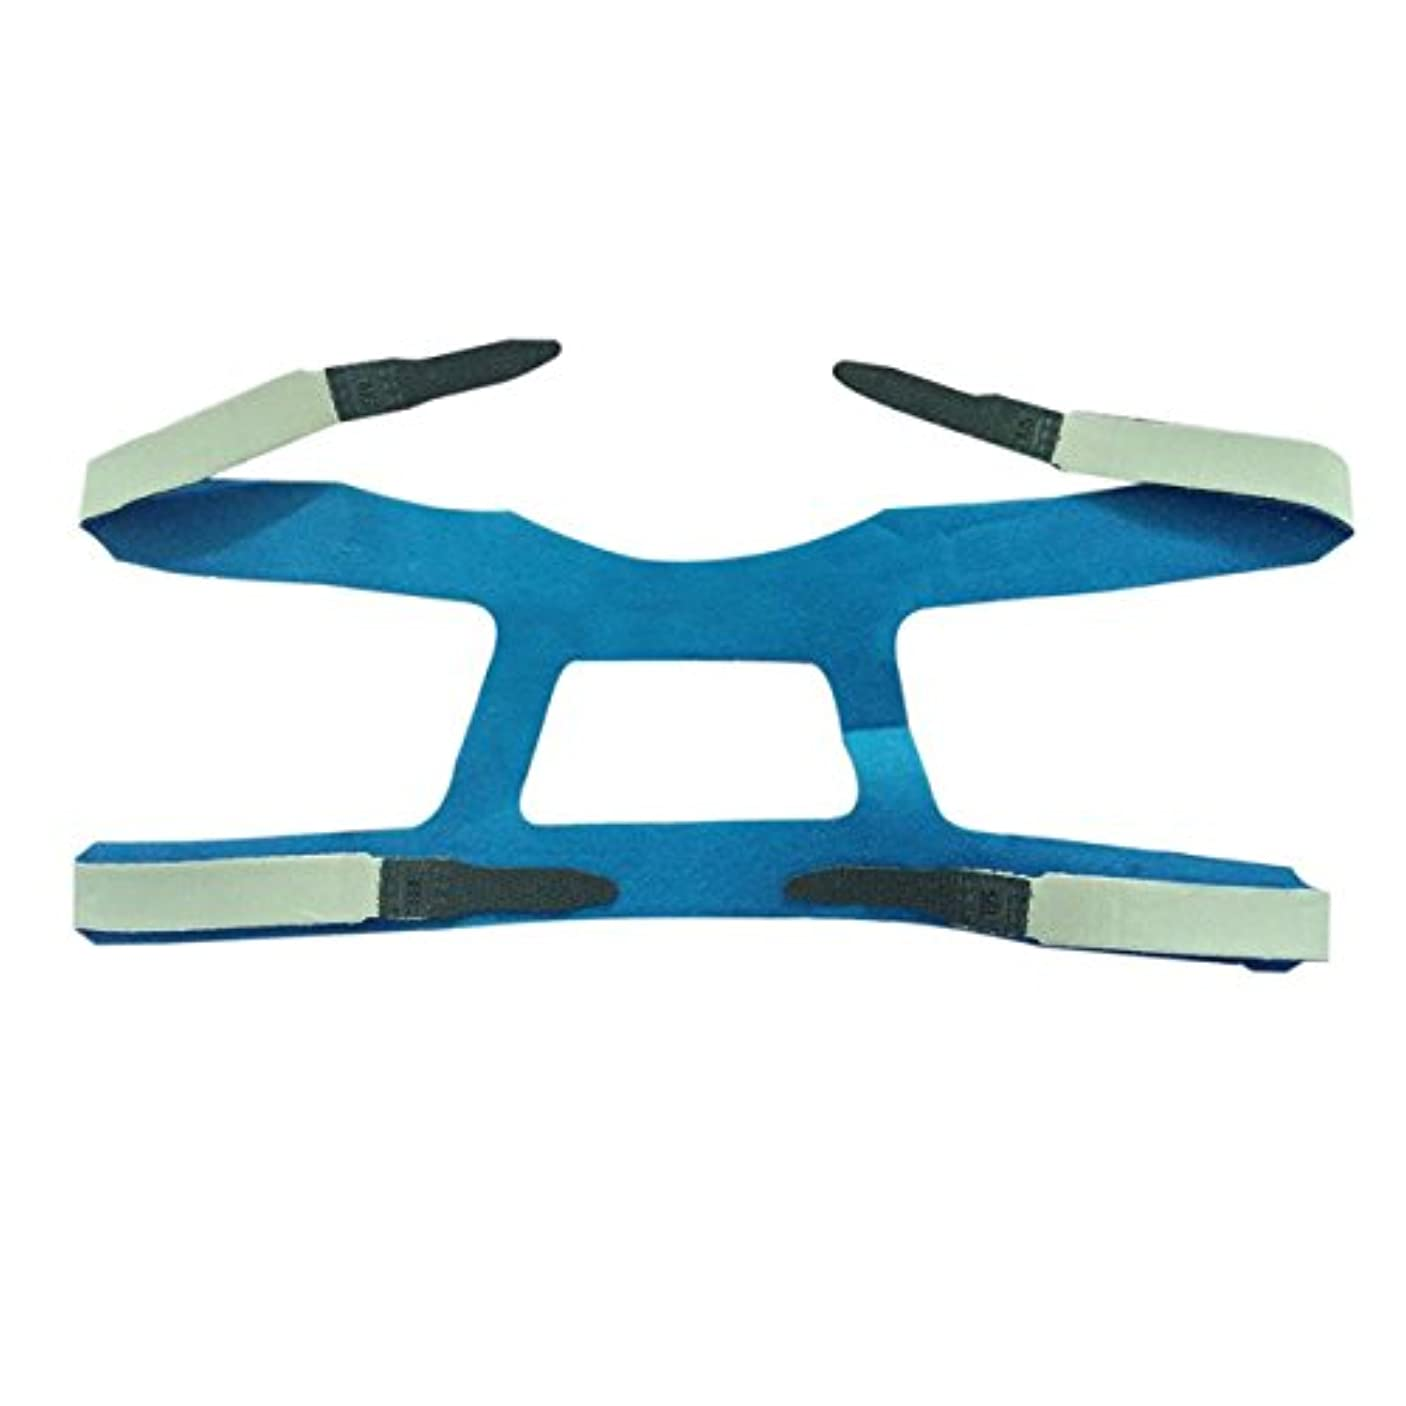 マングル回復天皇ユニバーサルデザインのヘッドギアコンフォートゲルフルマスク安全な環境交換CPAPヘッドバンドなしPHILPS